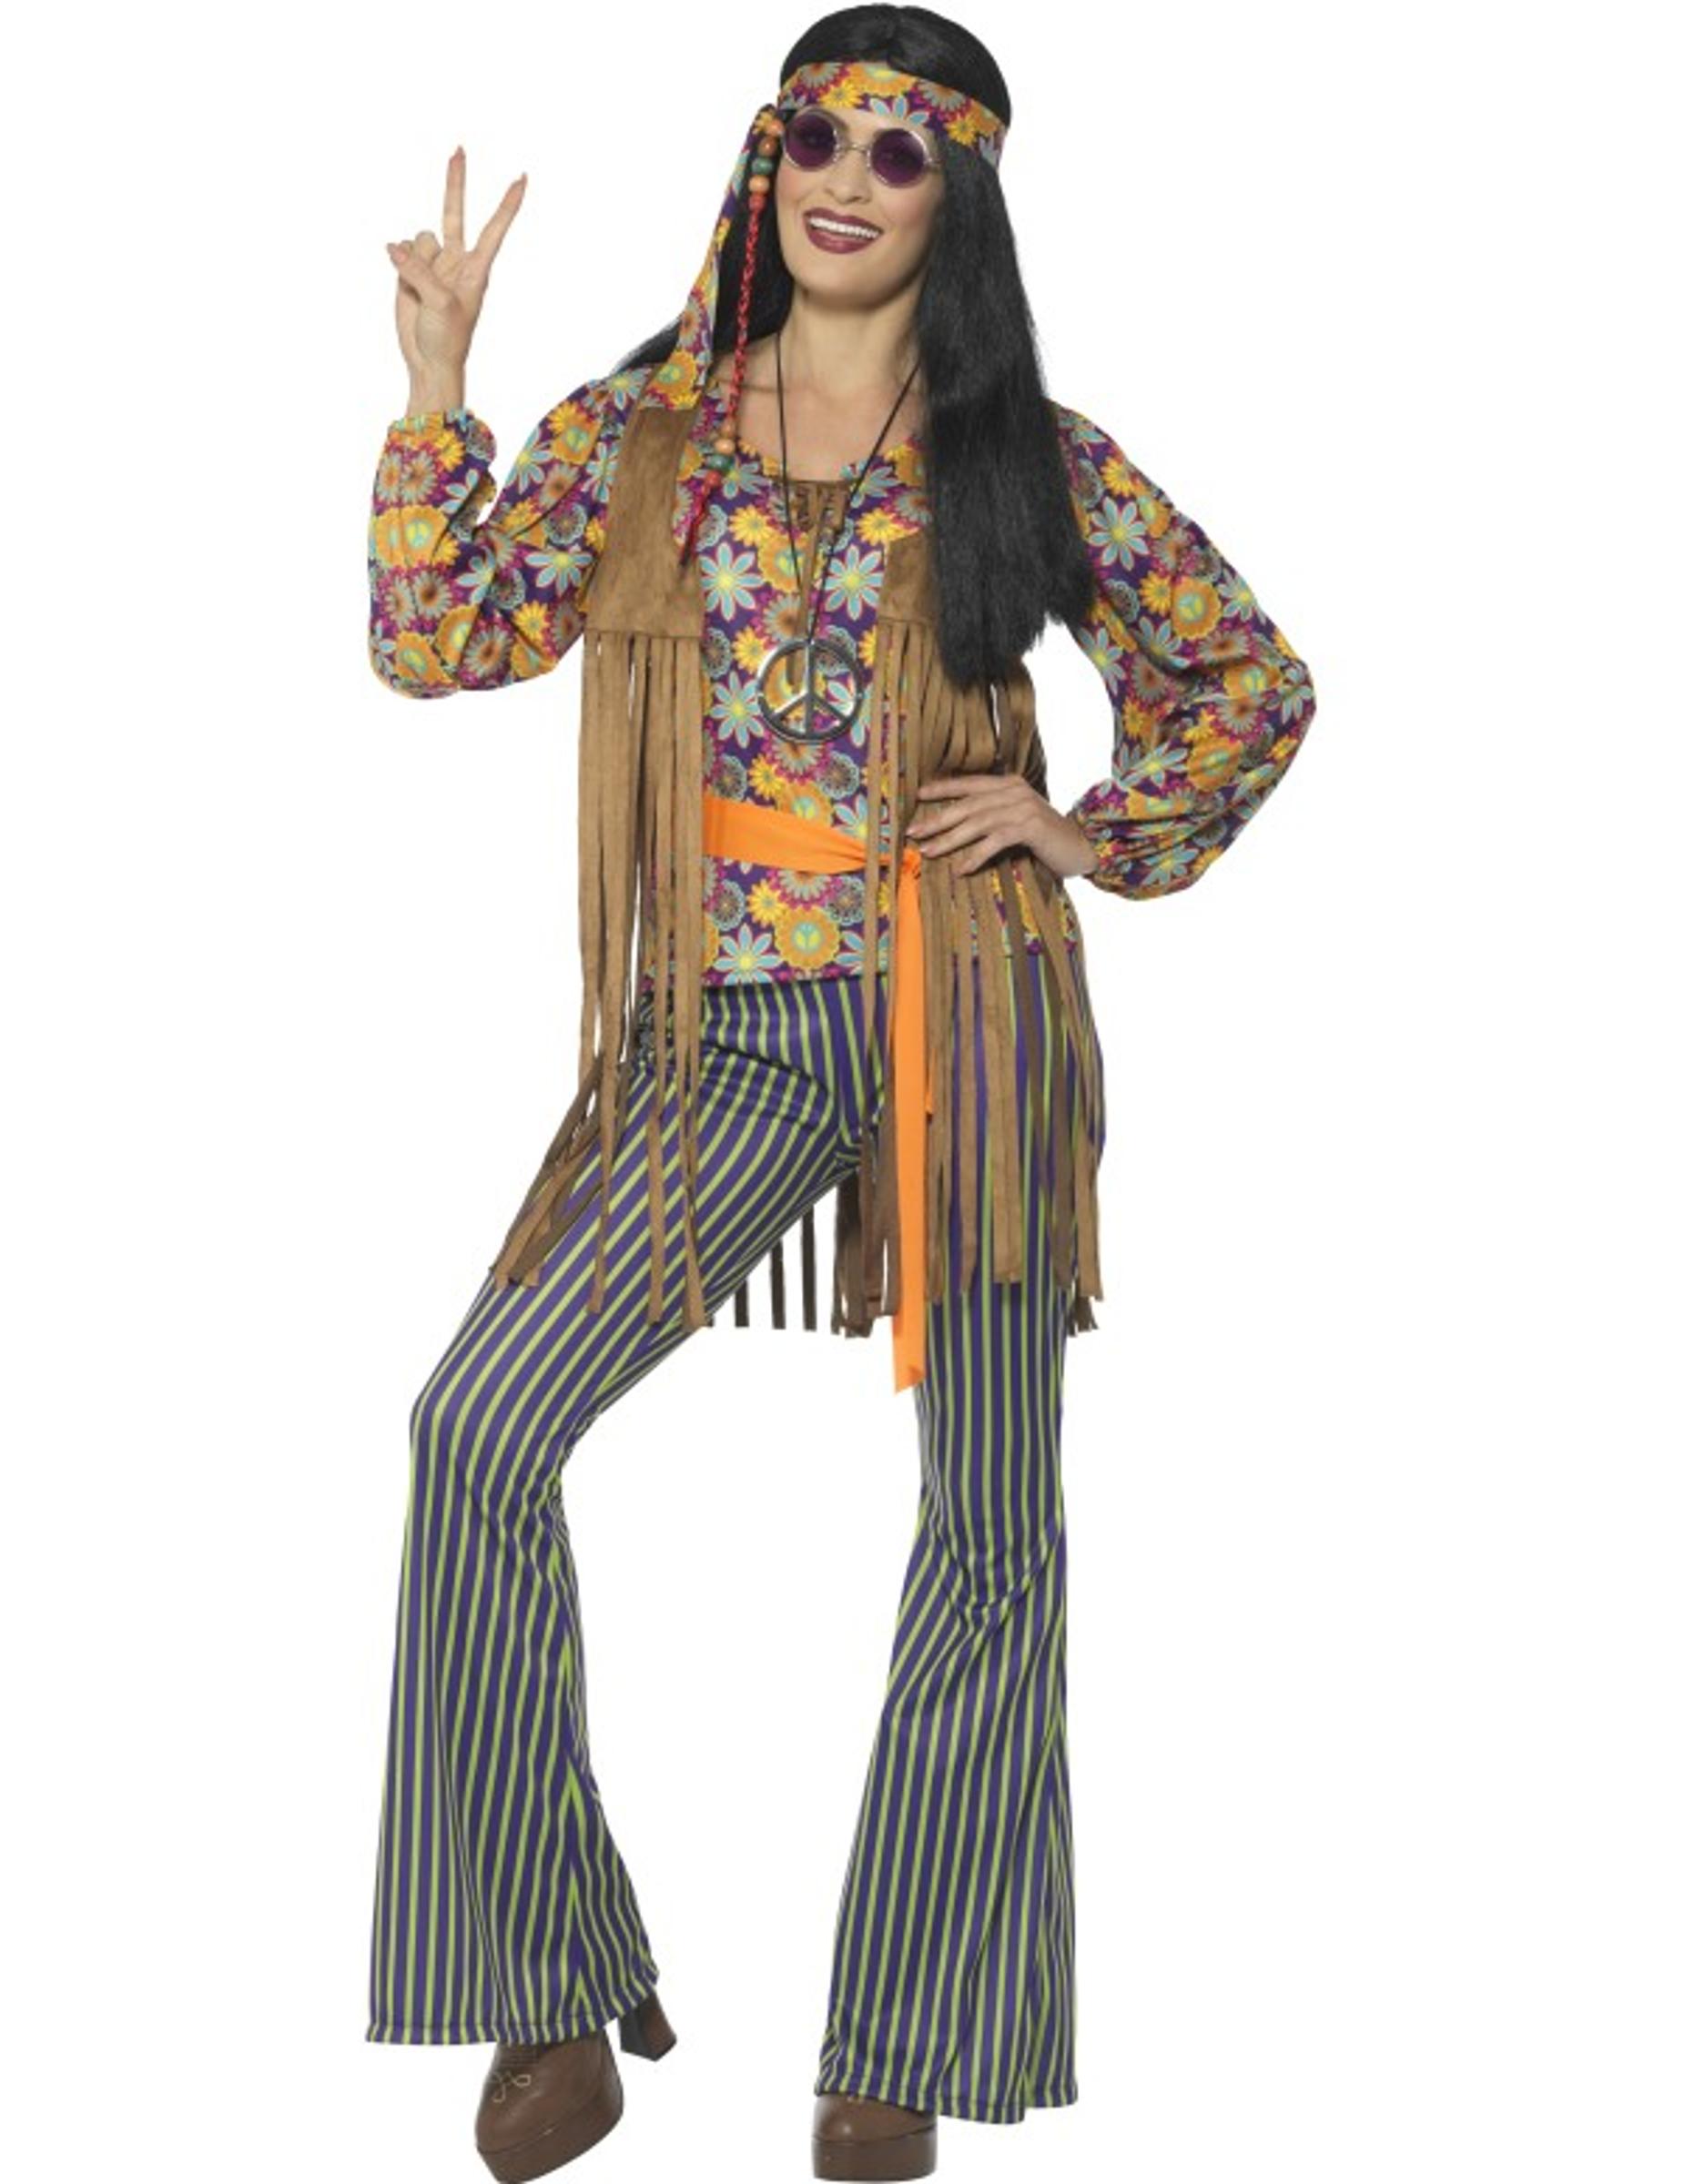 abf4b76e8ea7 Costume cantante hippie anni 60 donna  Costumi adulti